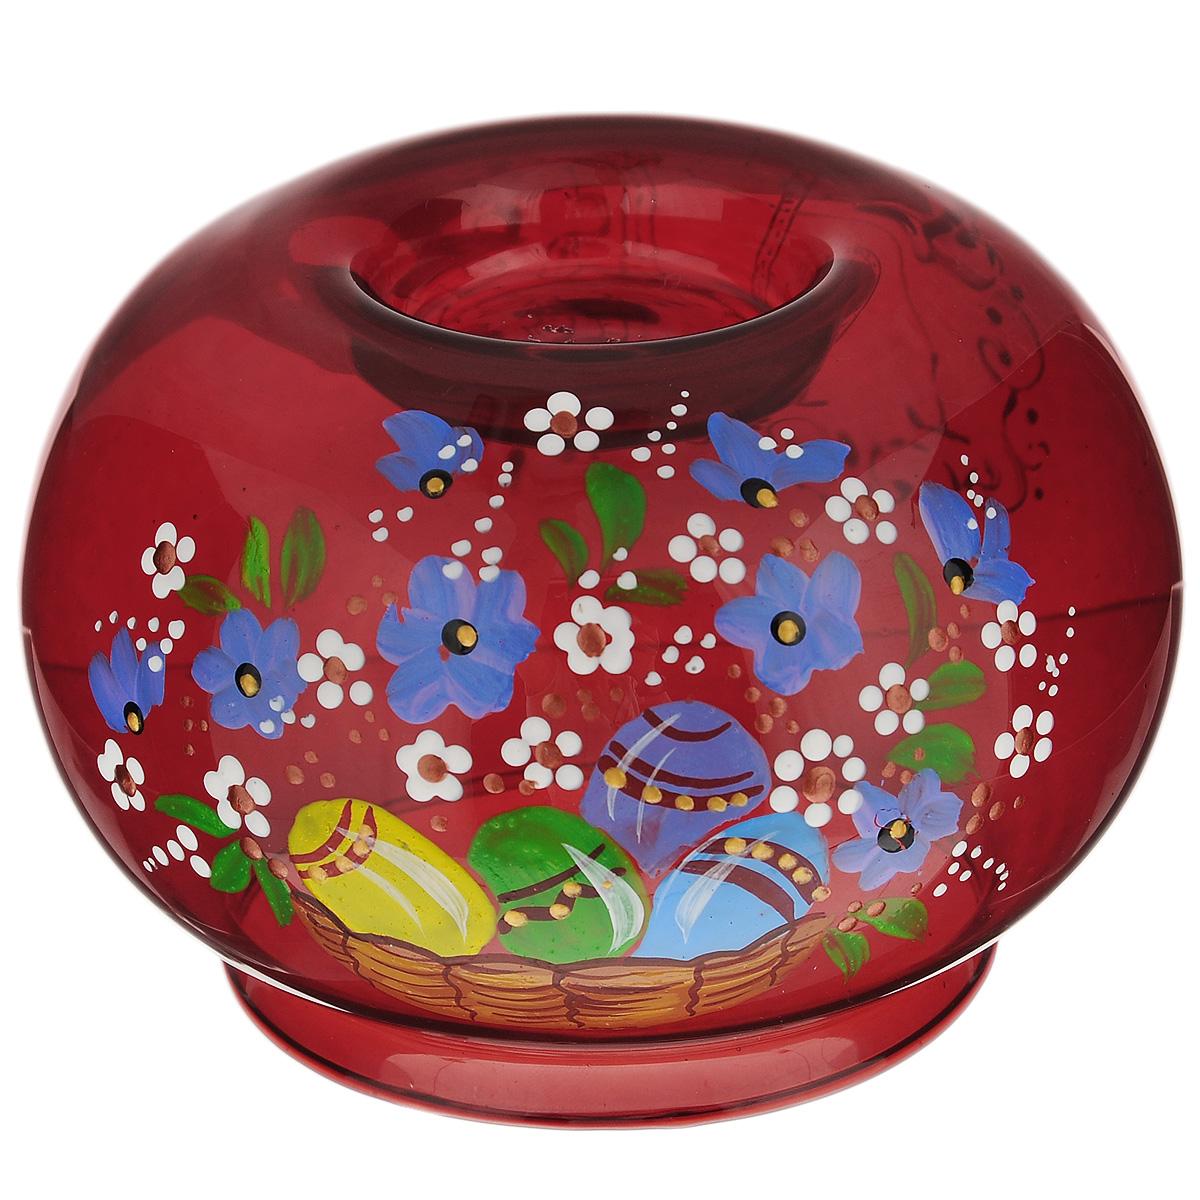 Подсвечник Sima-land Пасха-2, цвет: красный. 196292196292Подсвечник Sima-land Пасха-2 идеально подойдет для праздничного оформления дома. Подсвечник выполнен из стекла красного цвета и украшен пасхальным рисунком. В центр изделия помещается свеча-таблетка (не входит в комплект). Зажгите свечку, поставьте ее в подсвечник и наслаждайтесь теплом, которое наполнит ваше сердце. Пасхальный декоративный подсвечник украсит интерьер вашего дома. Оригинальный дизайн и красочное исполнение создадут праздничное настроение. Кроме того, это отличный вариант подарка для ваших близких и друзей. Размер подсвечника: 11 см х 11 см х 7,5 см. Диаметр отверстия для свечи: 7,5 см.